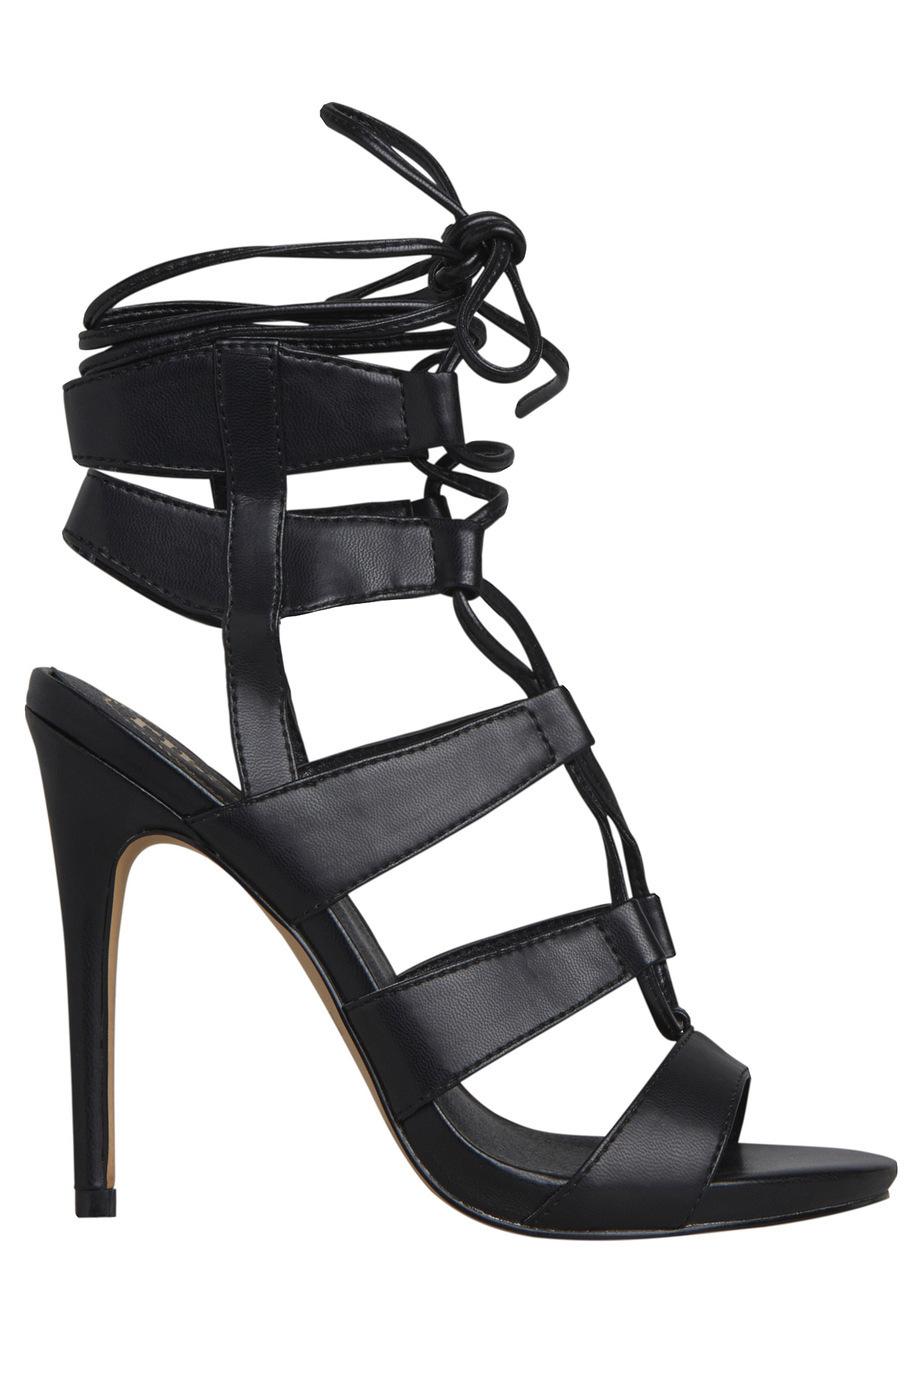 Black sandals myer - Myer